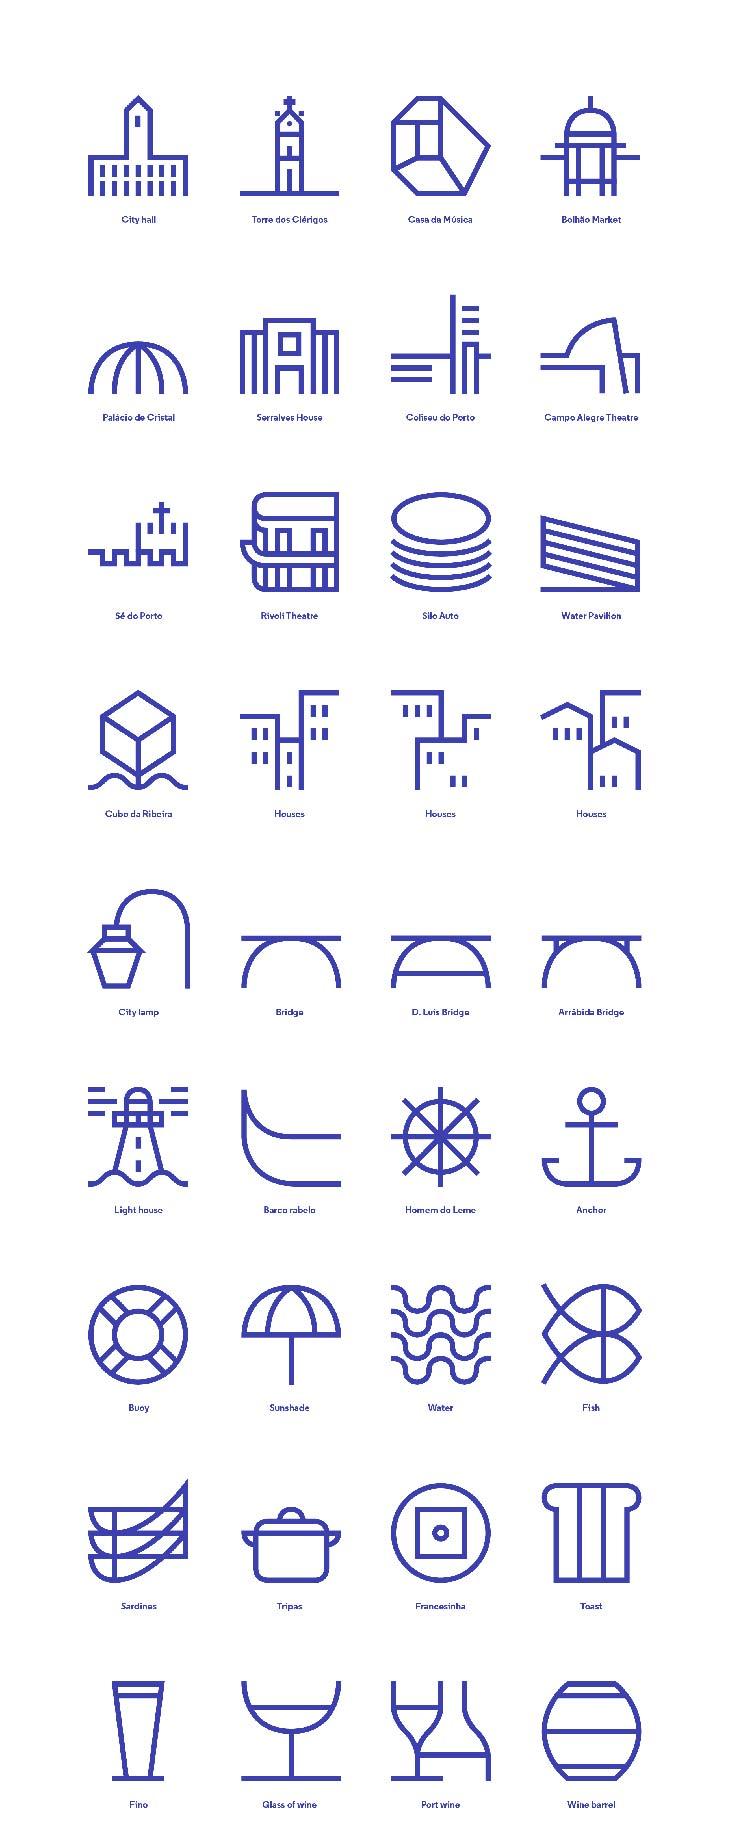 Icone city branding di Porto